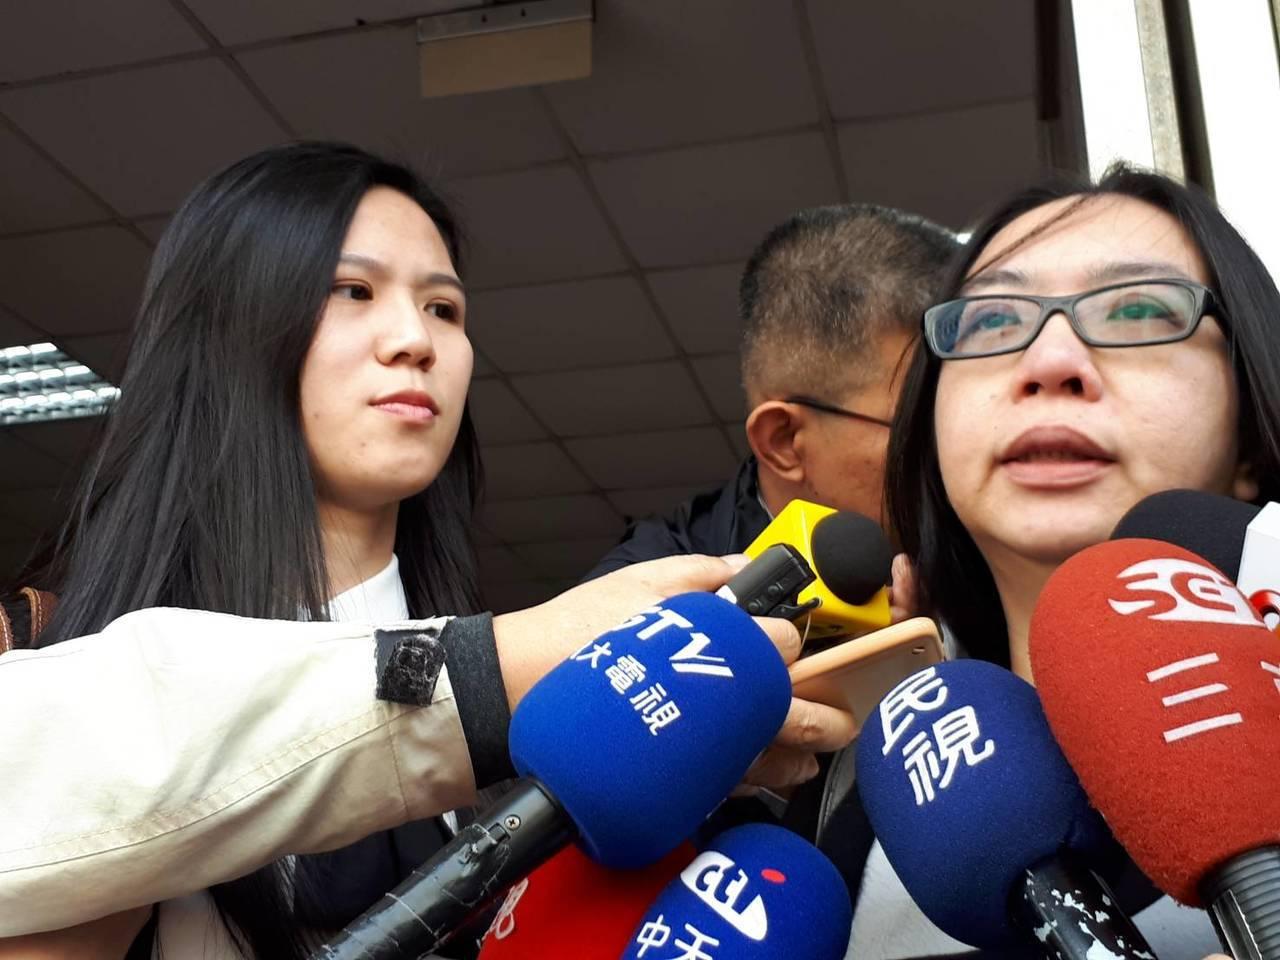 夜店殺警案曾威豪等六十八被告加重判刑,薛的遺孀到庭聆判。 記者蘇位榮/攝影